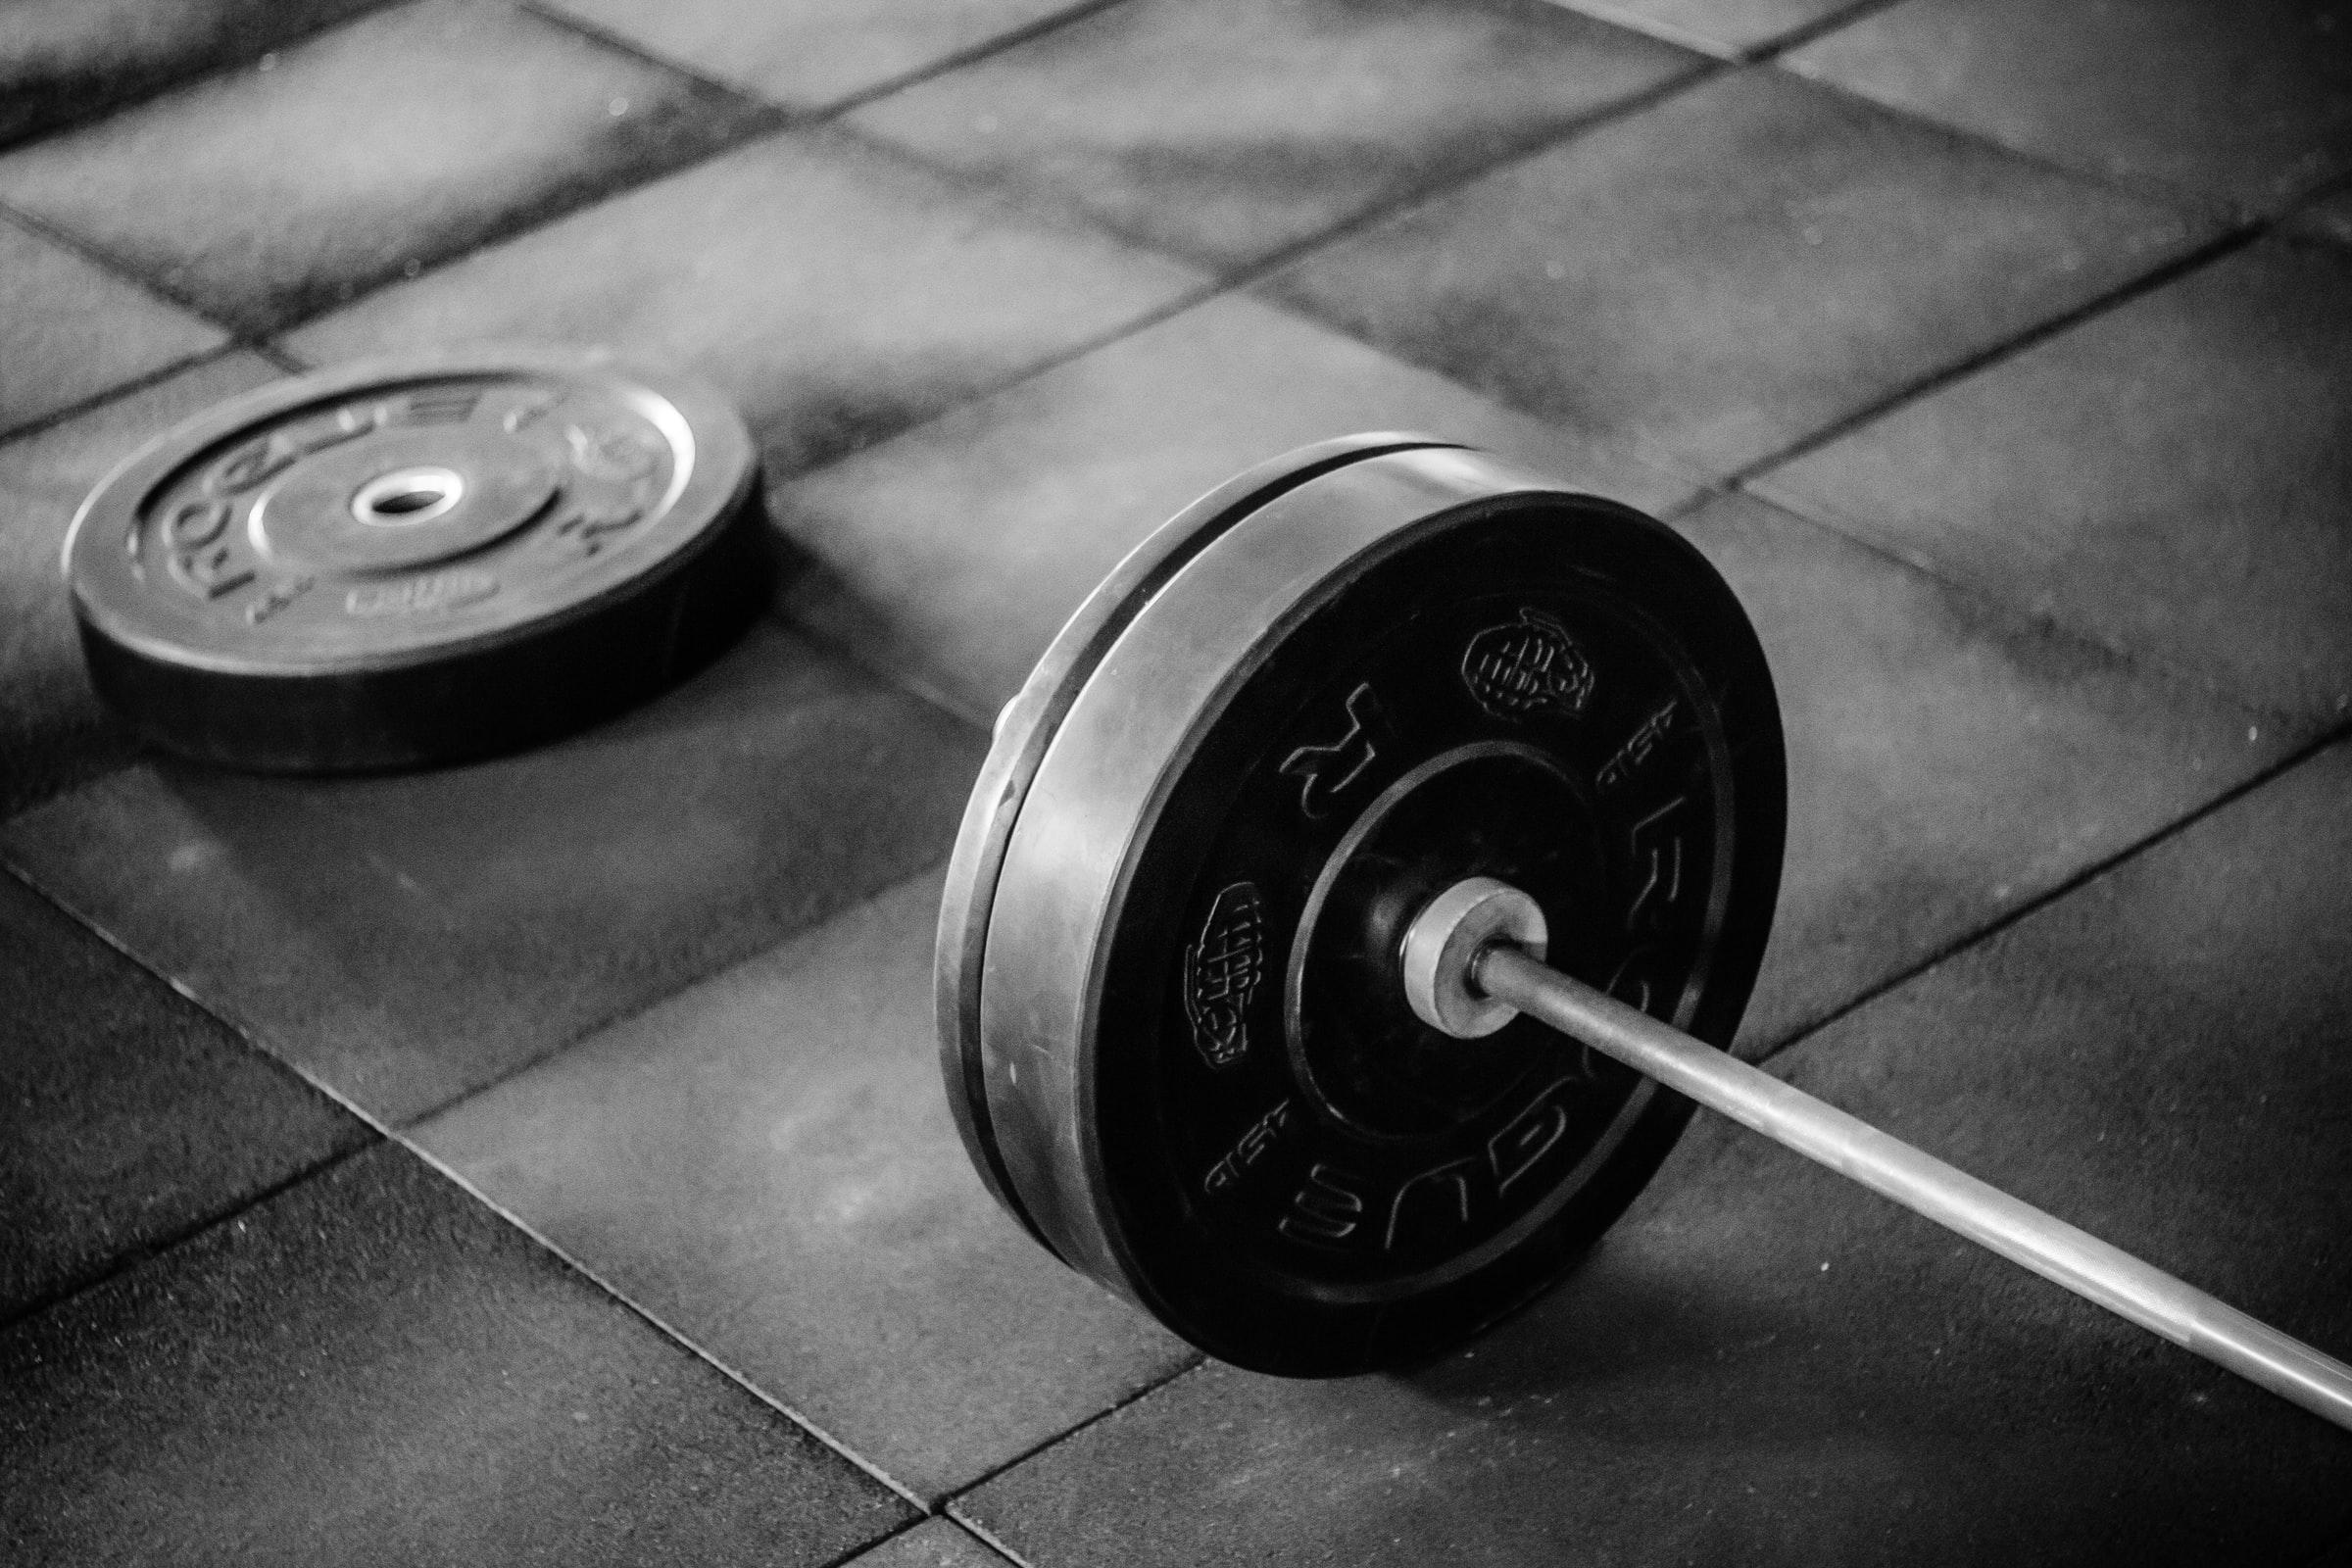 Eine Hantelstange mit Gewichten